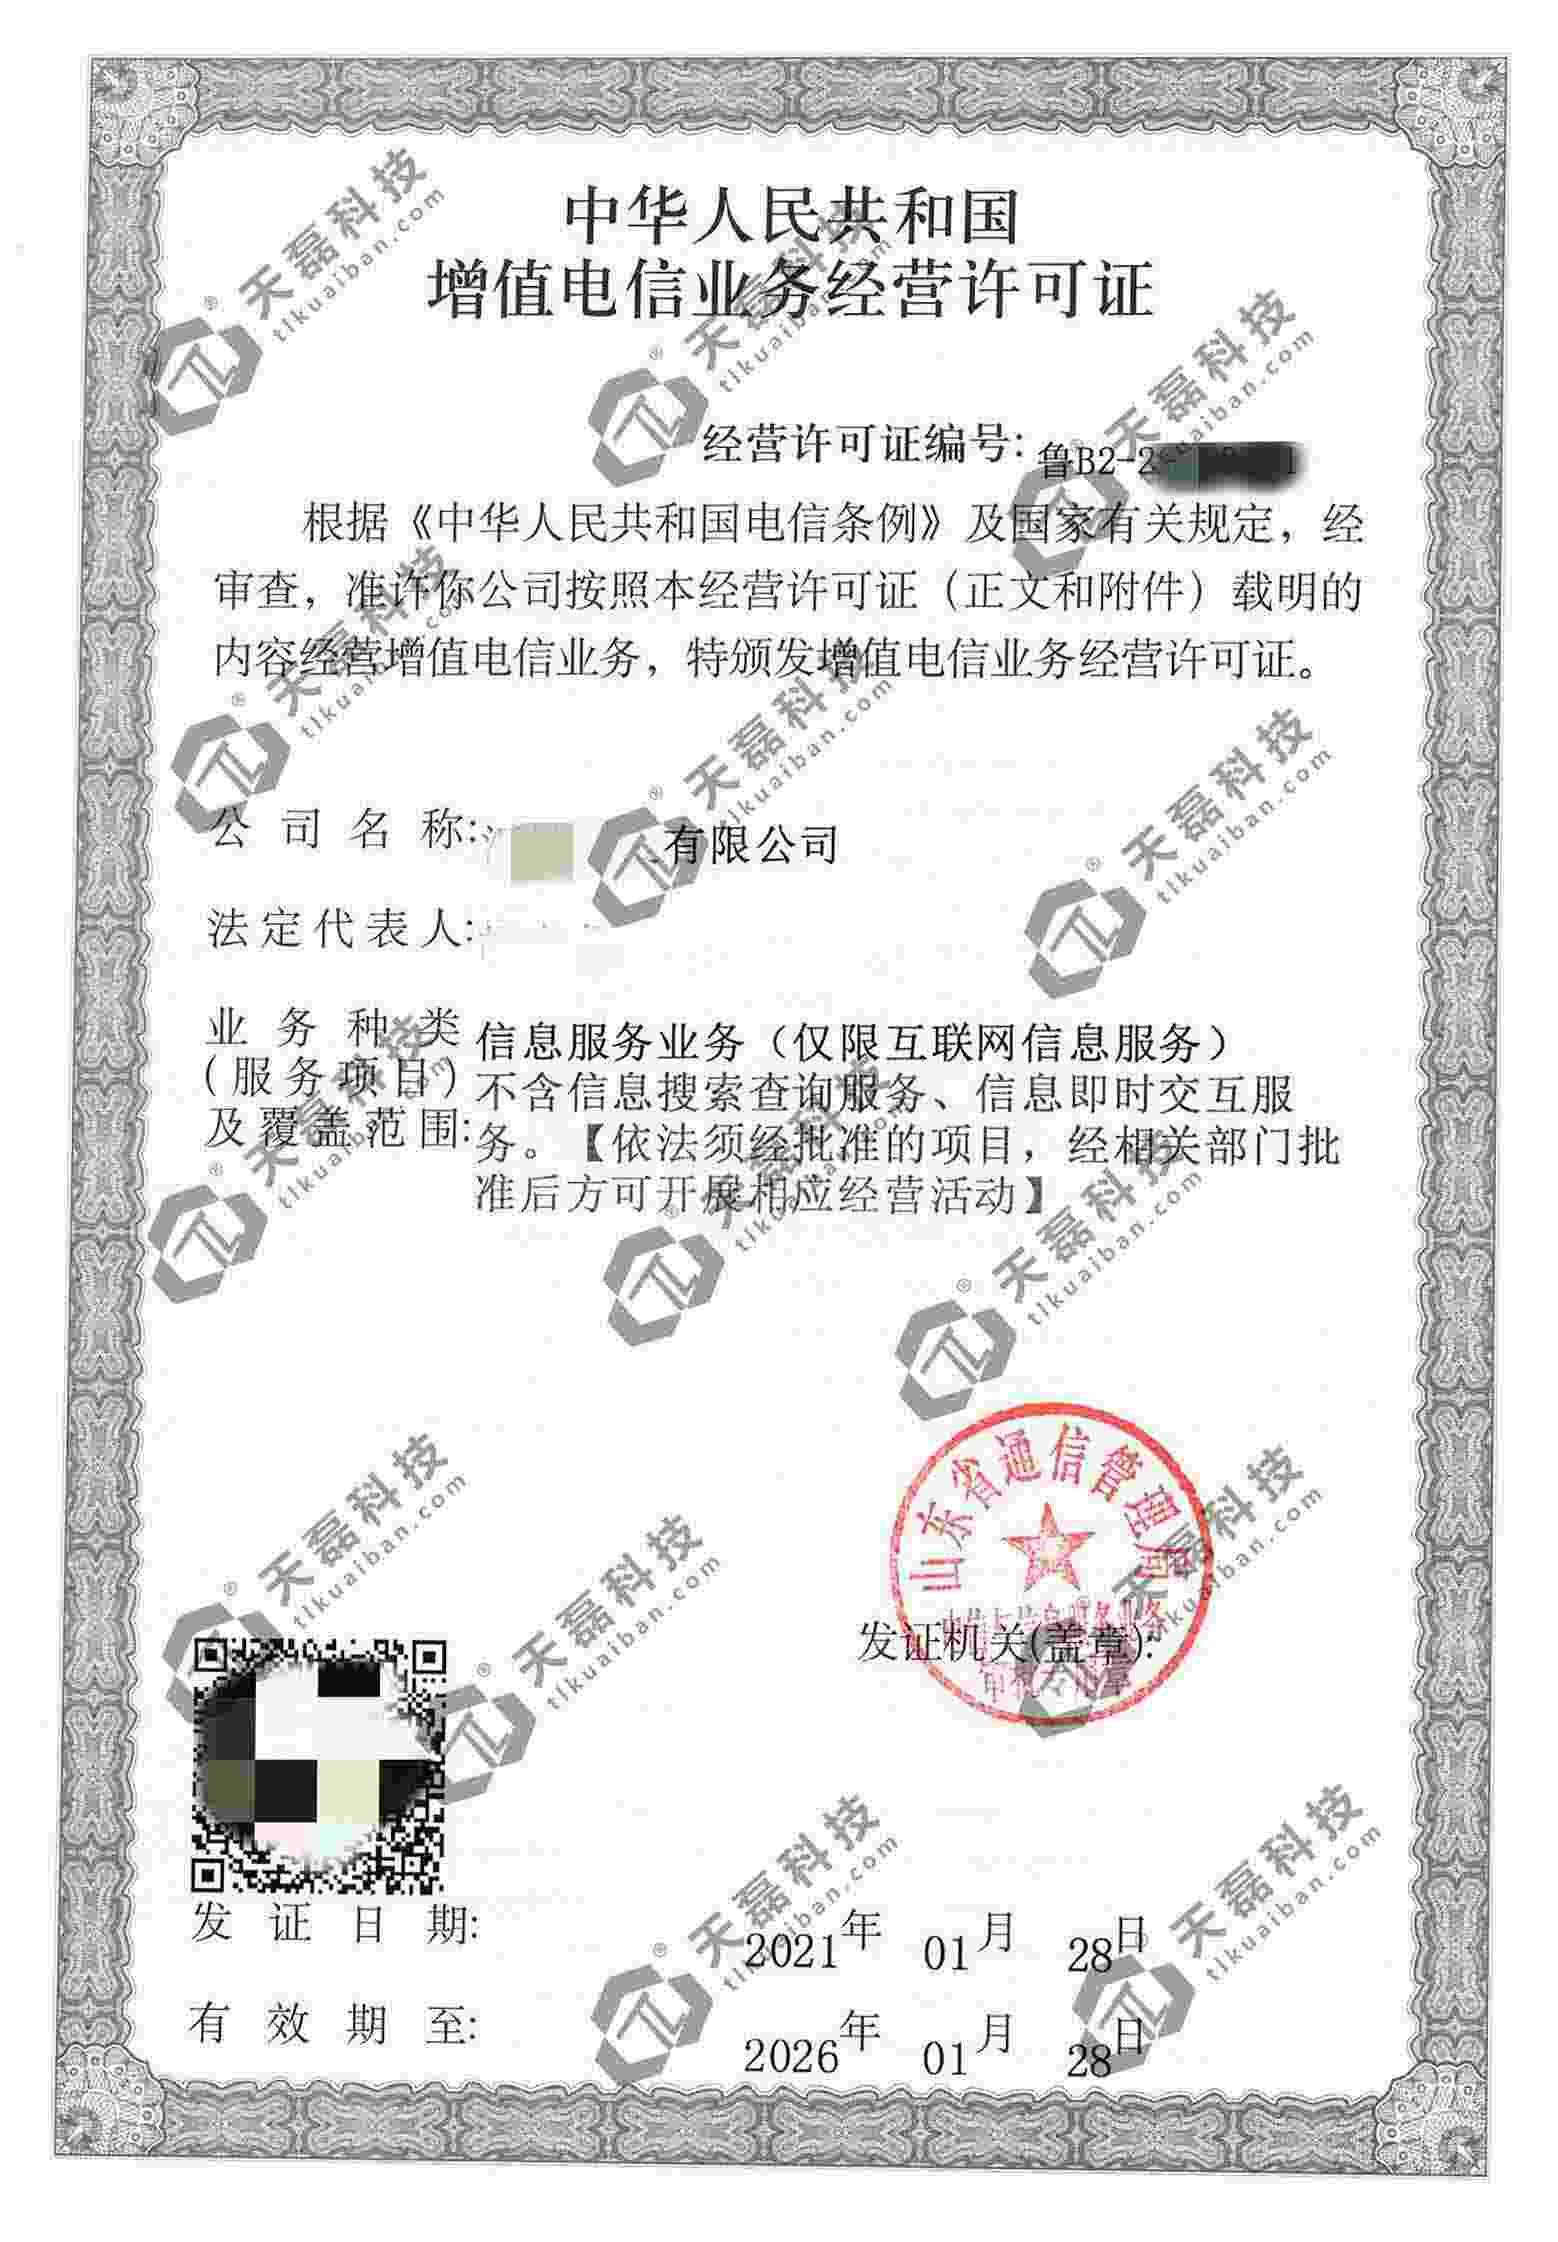 增值电信icp许可证